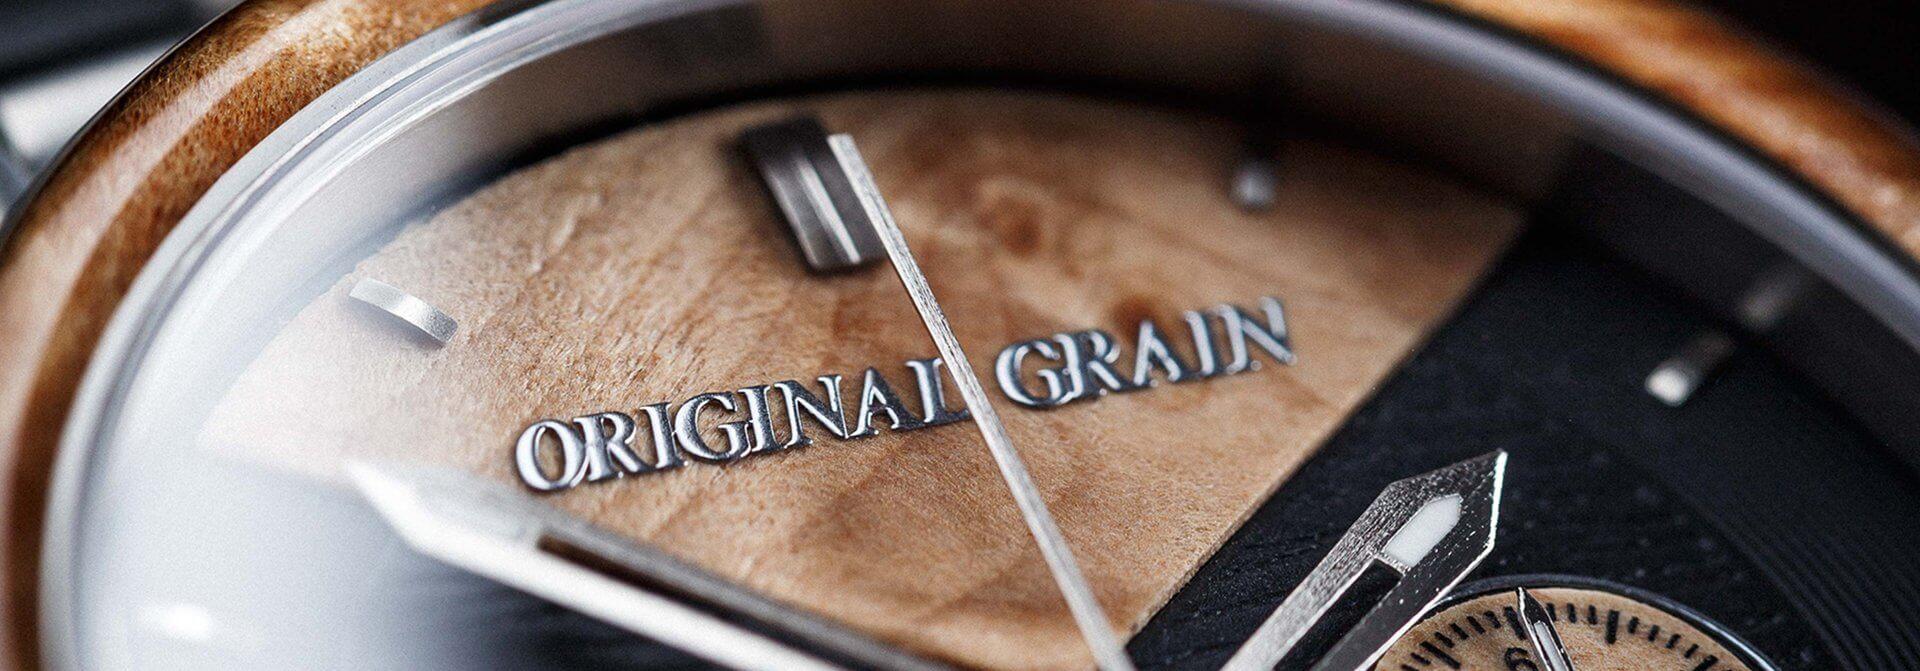 original-grain-watche